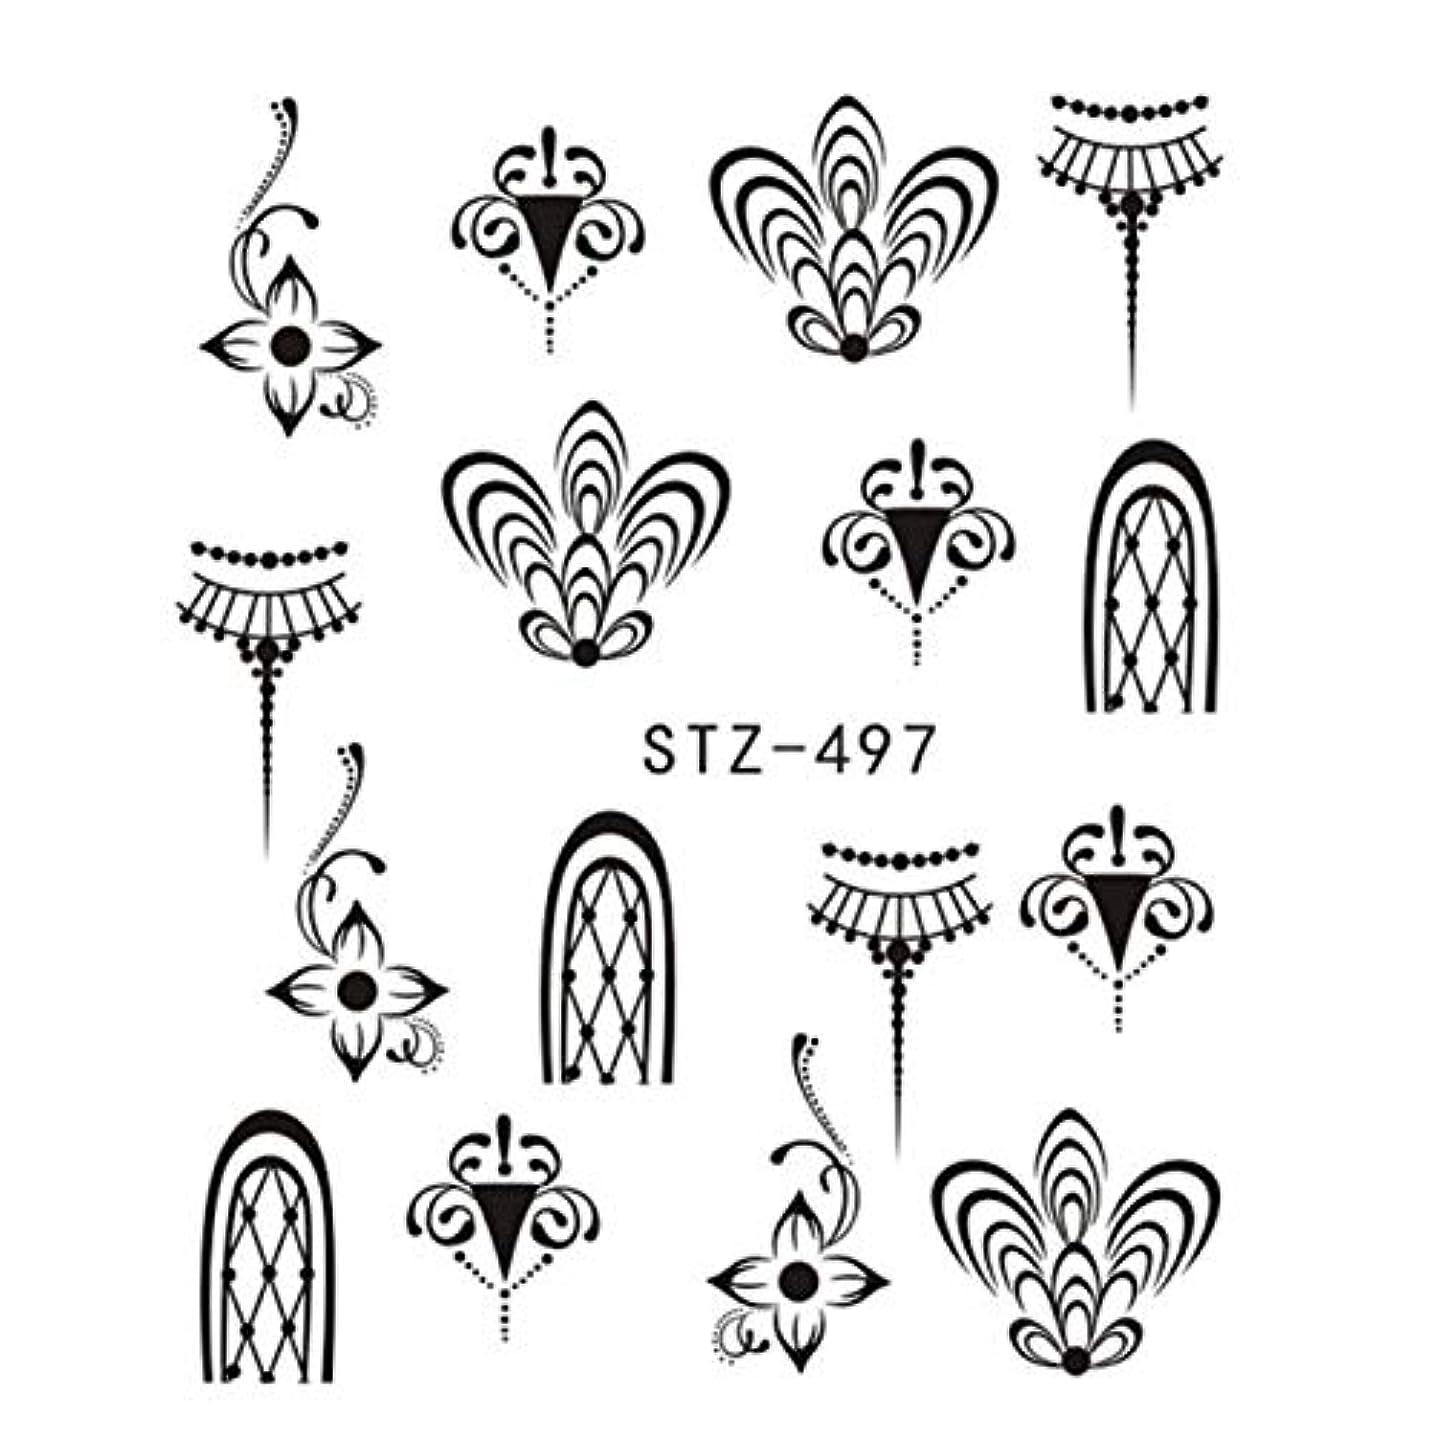 基礎理論オーク国家サリーの店 パステルデザインパターン新しい芸術芸術装飾芸術装飾芸術(None STZ497)